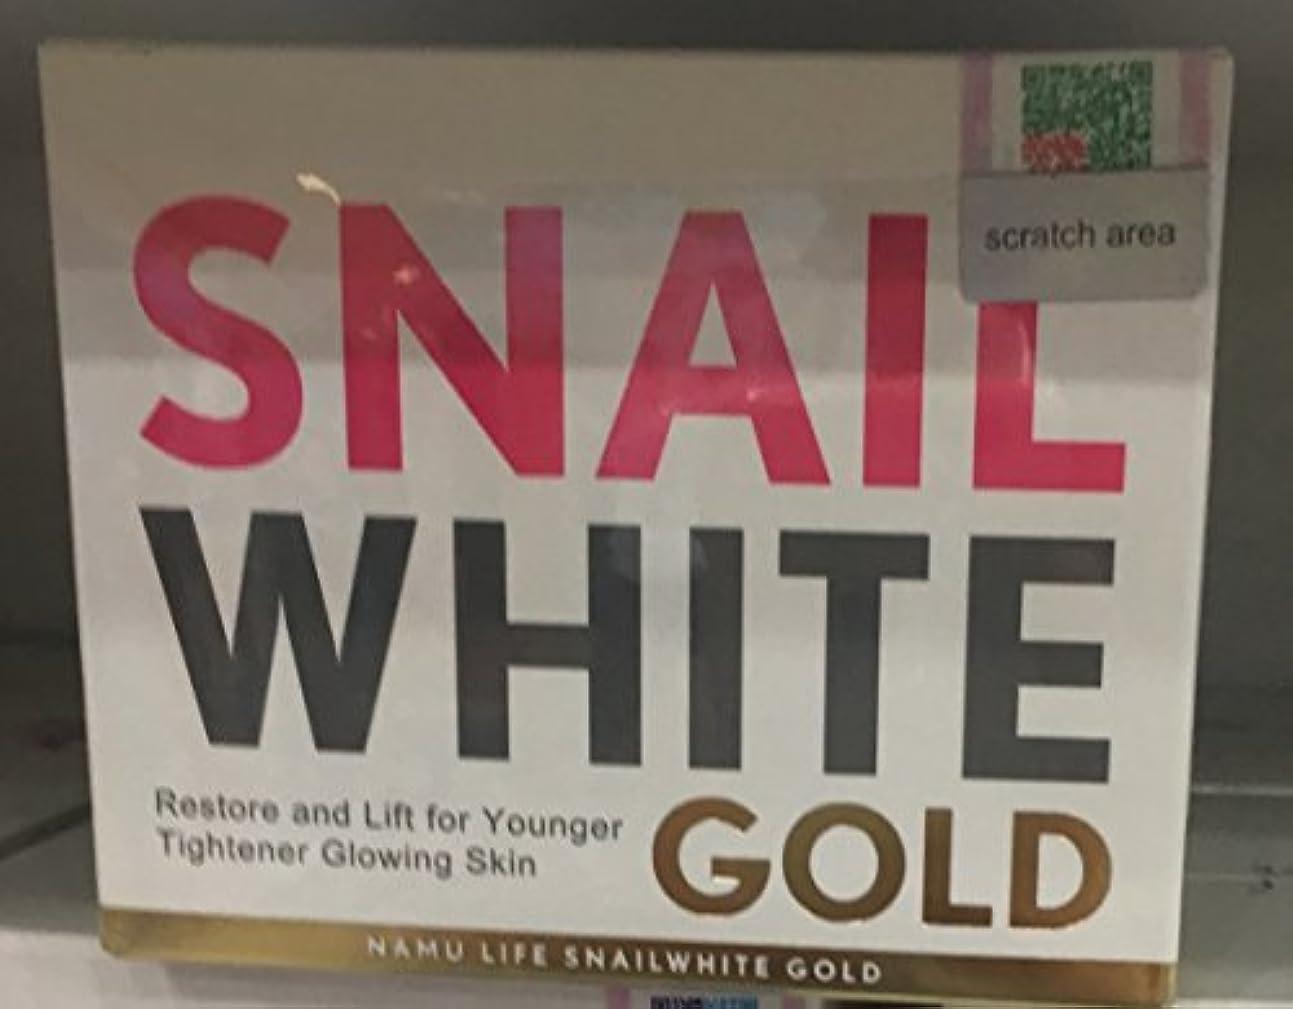 人差し指太鼓腹ロボットナムライフスパイニングゴールド50 ml ホワイトニング NAMU LIFE SNAILWHITE GOLD 50 ml